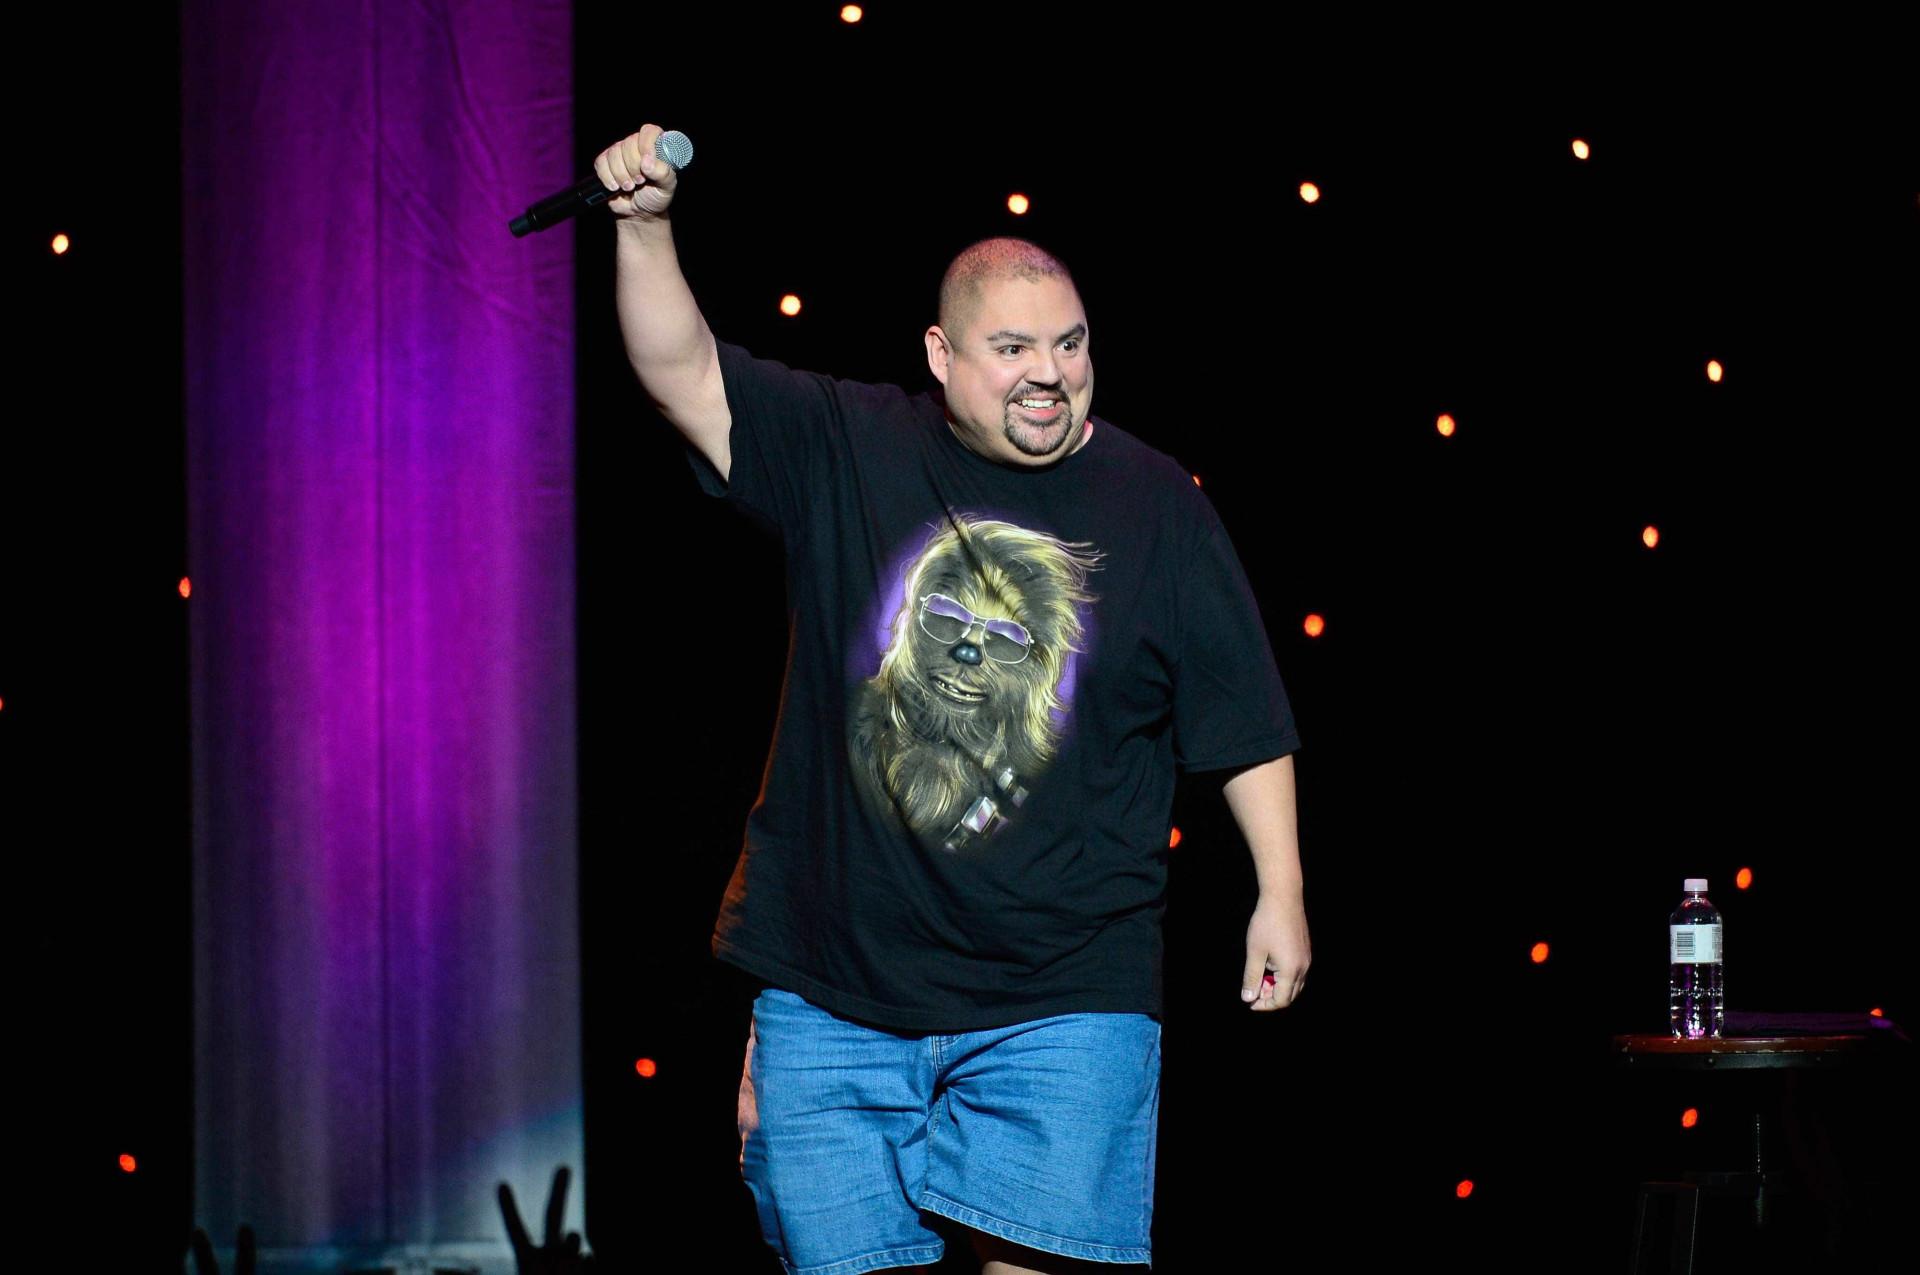 A indústria do riso: Conheça os comediantes que mais ganham